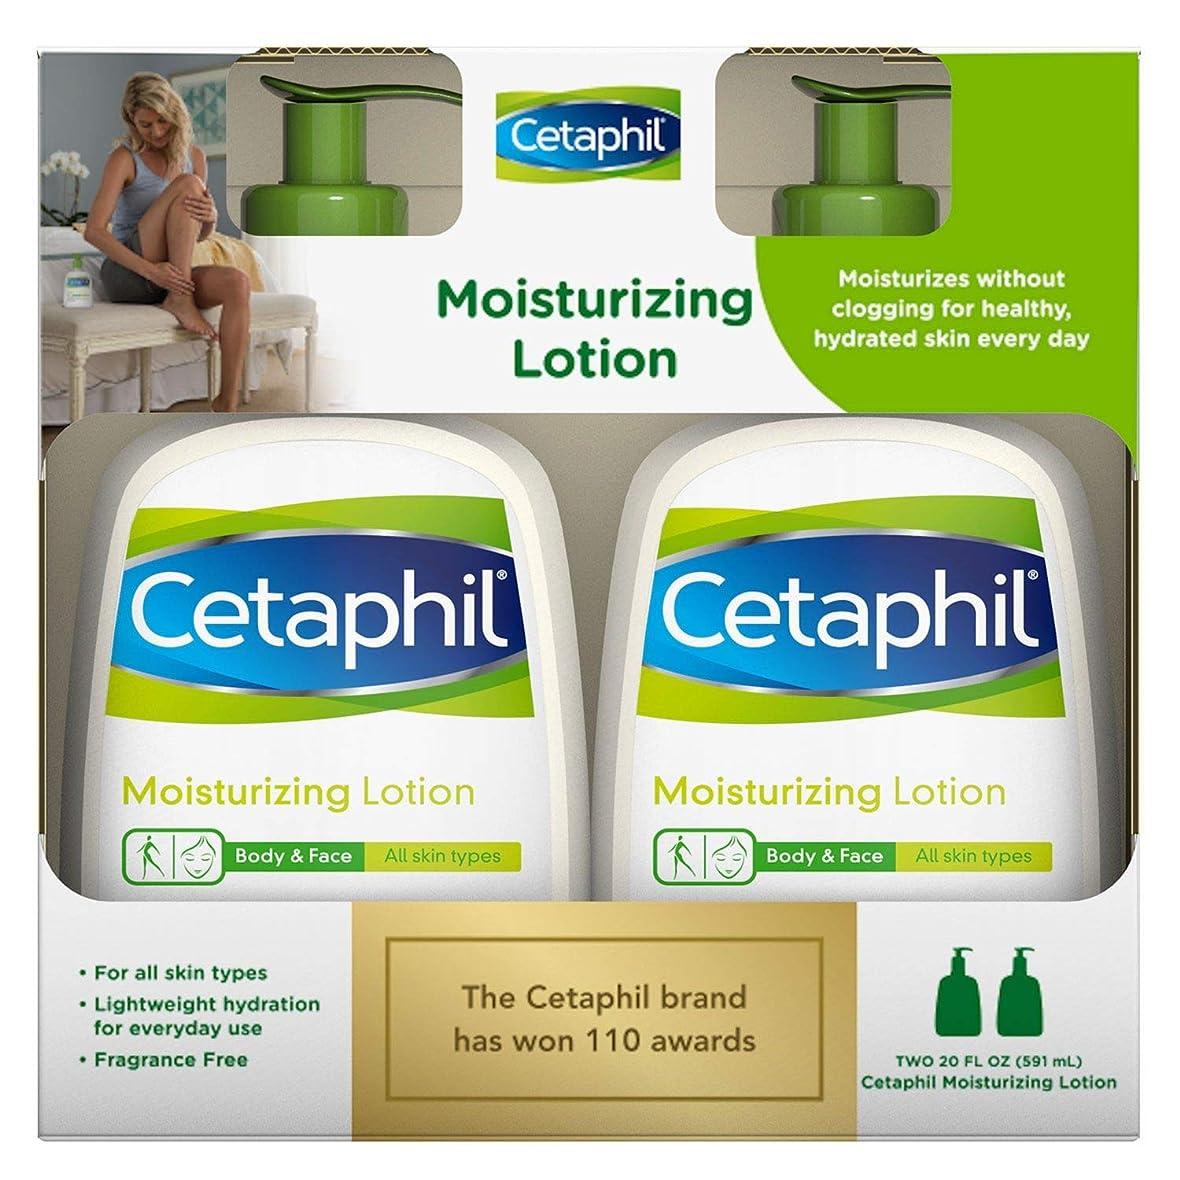 統計的玉屈辱するセタフィル モイスチャライジングローション 591ml 2本セット Cetaphil Moisturizing Lotion 20oz twin pack